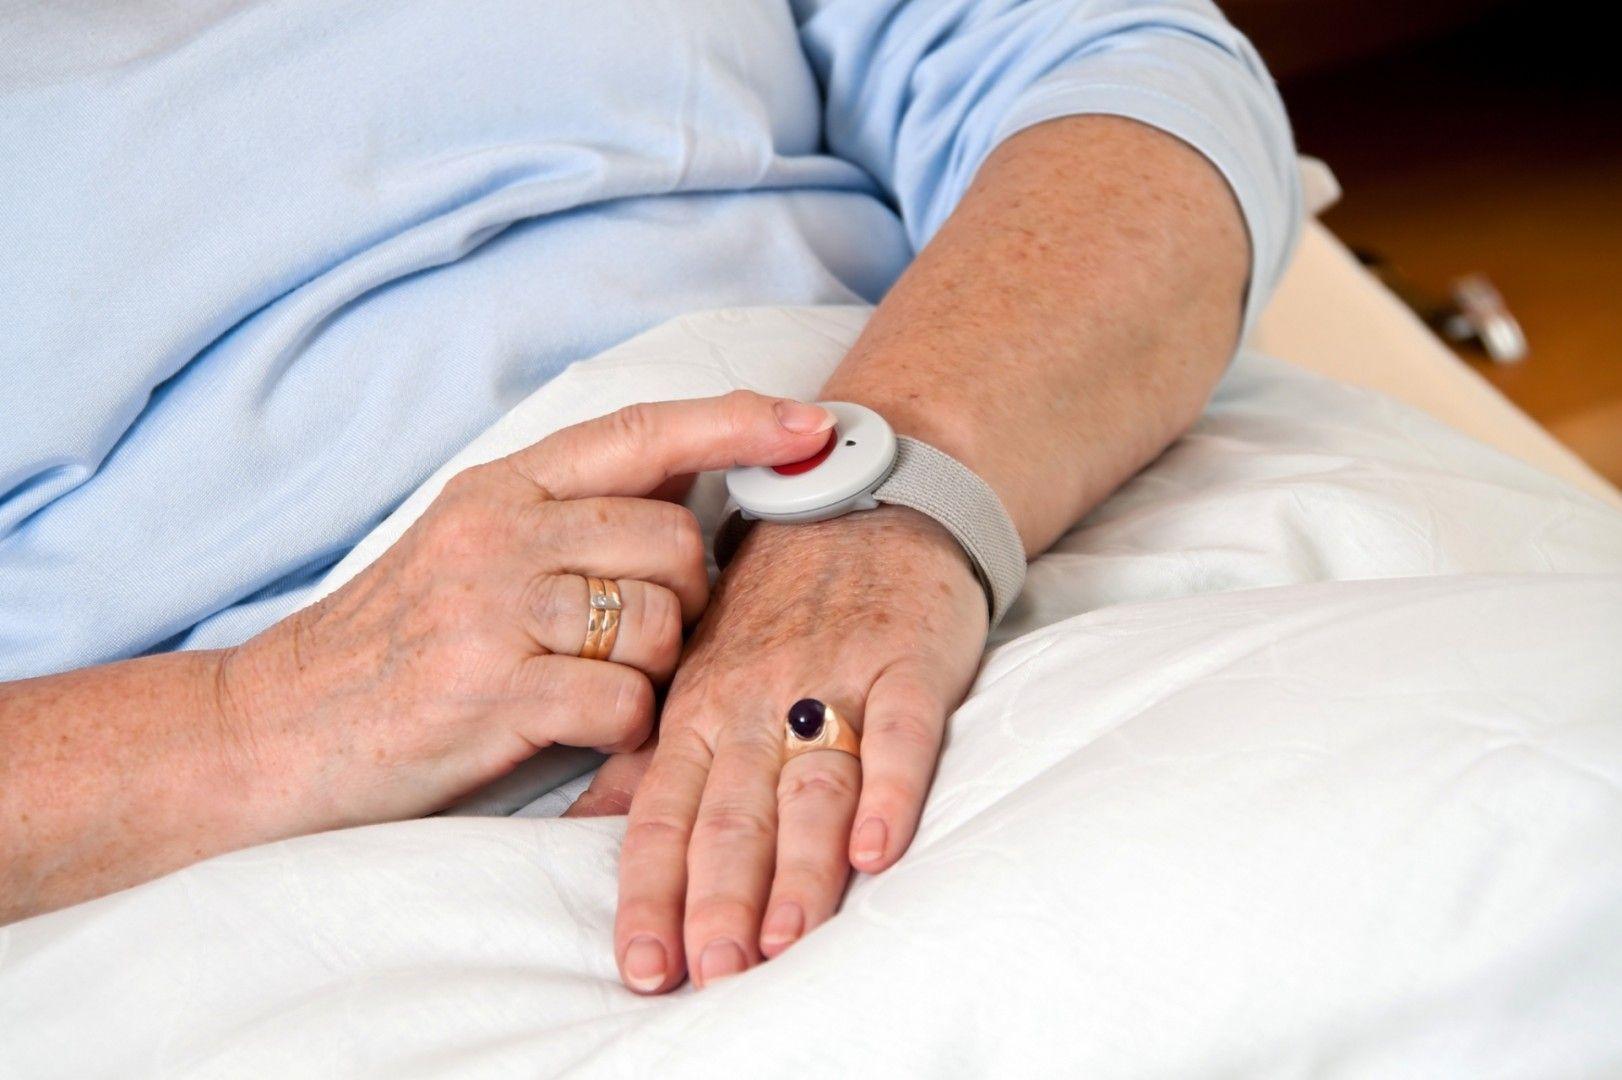 предельные сроки оказания медицинской помощи